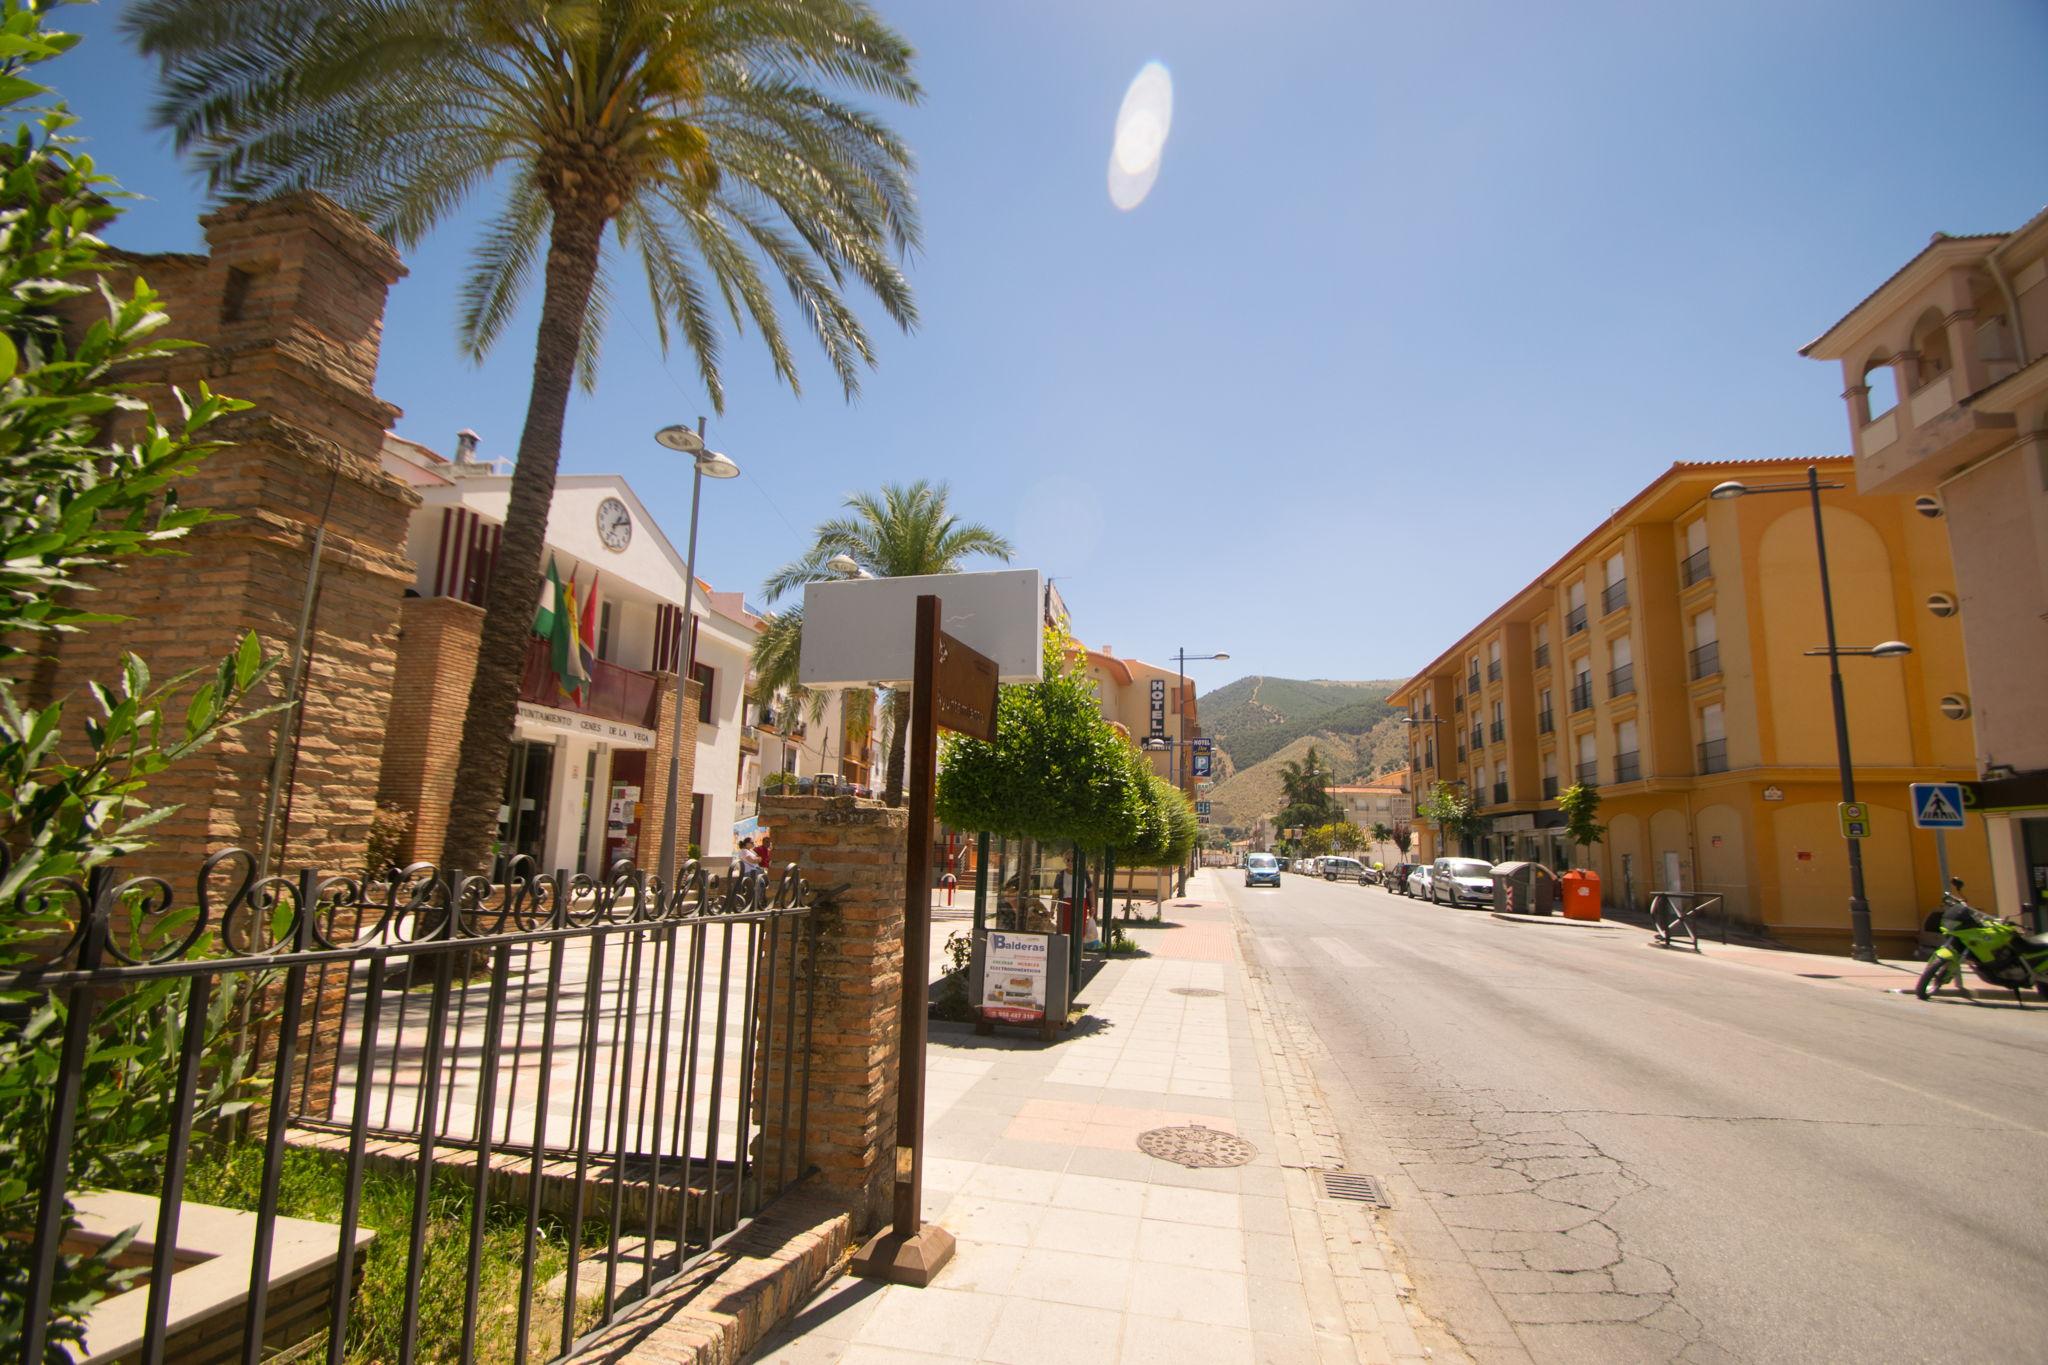 Ayuntamiento de Cenes (Sol Meridiem)